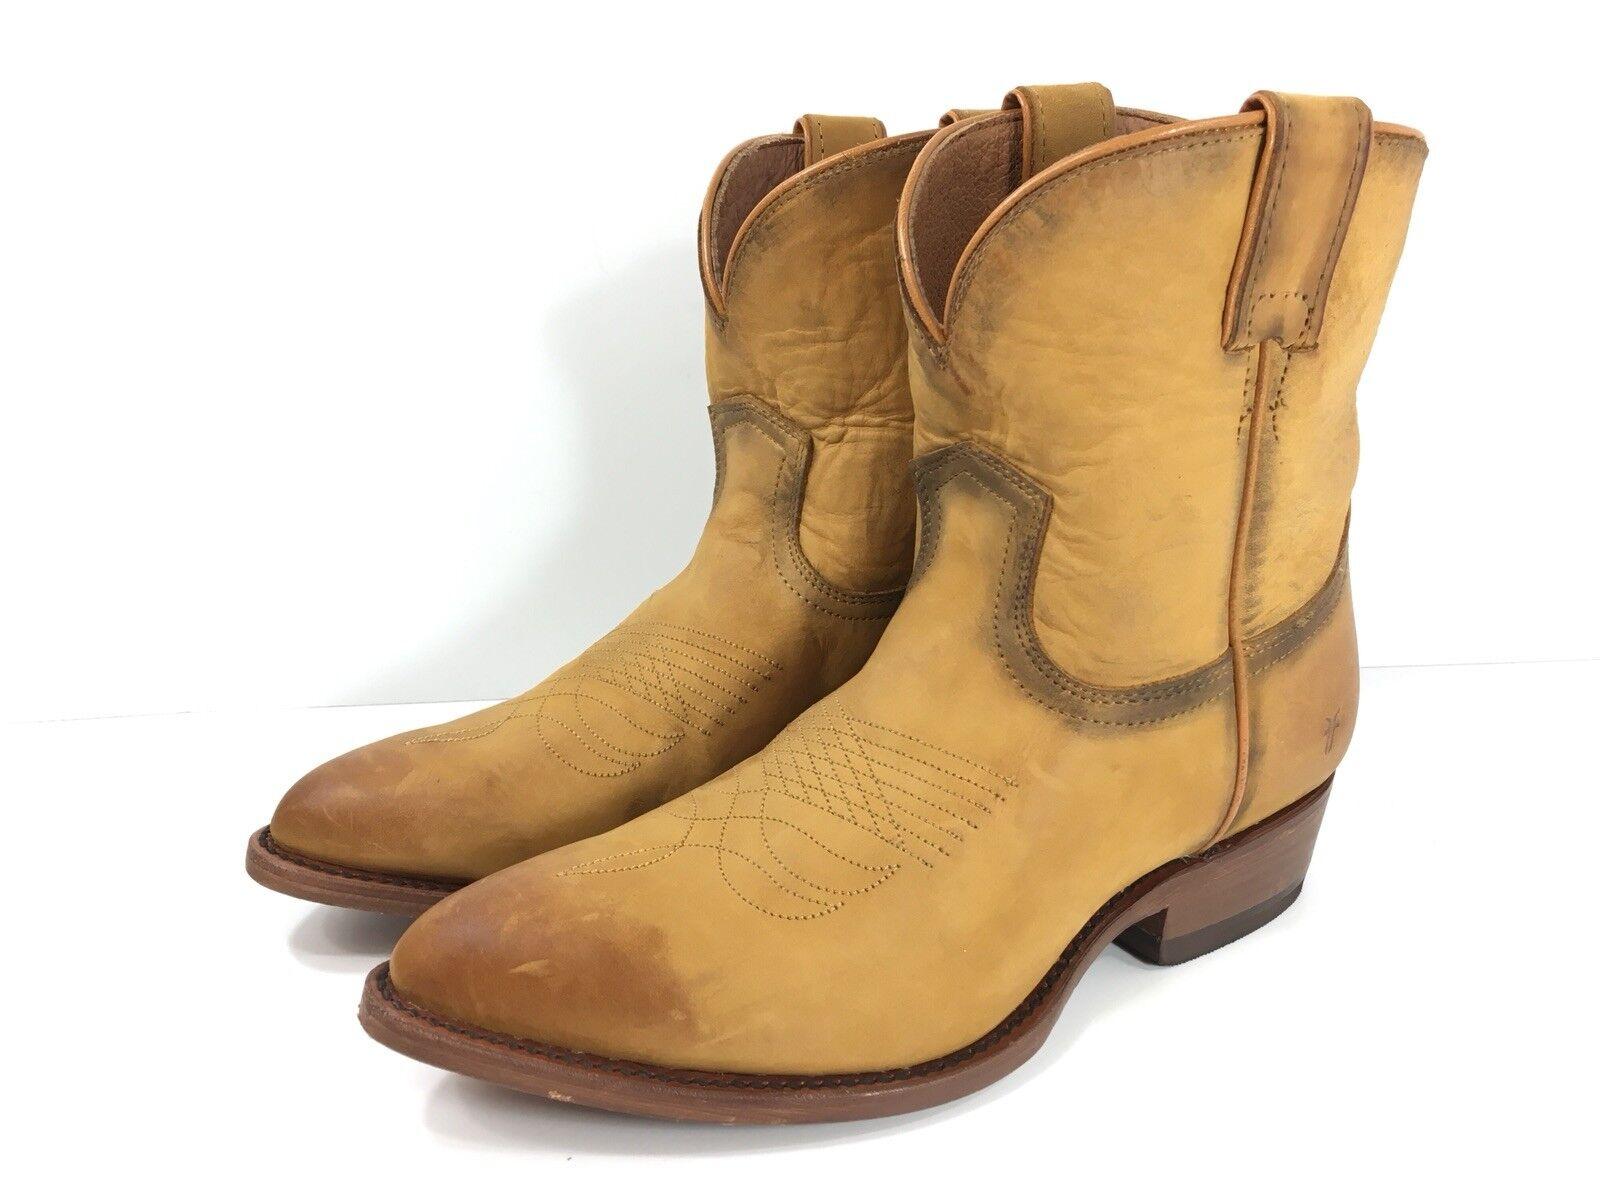 Frye Stiefel damen Billy Short  71440 Cognac Tan Leather Western Stiefelies New  258